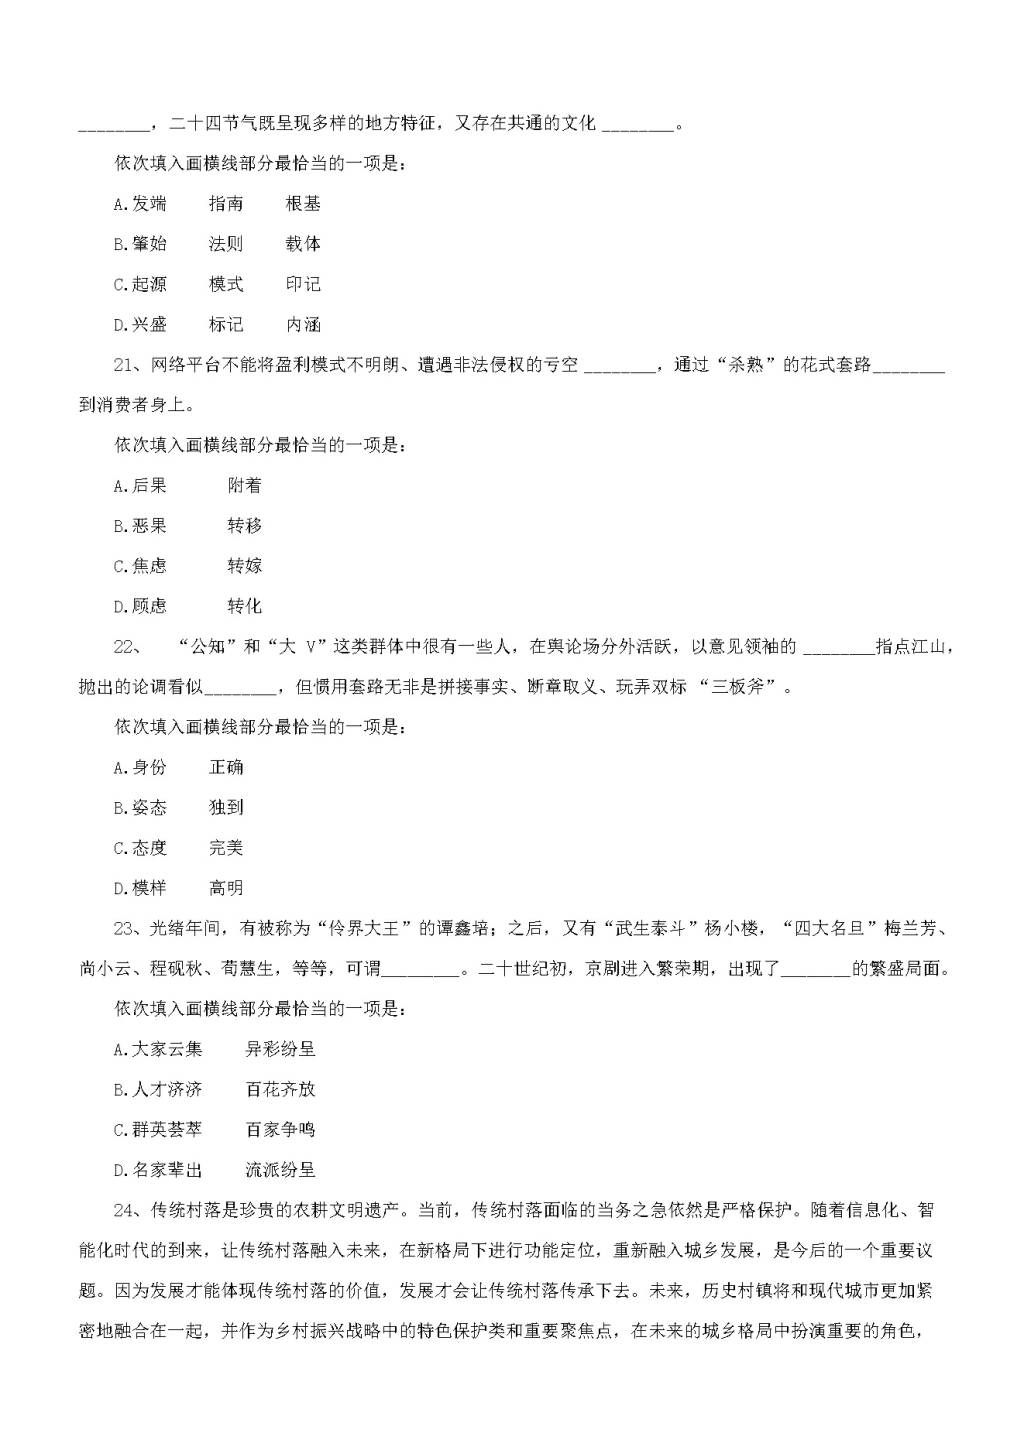 2020年山东公务员行测考试真题及答案(文件编号:21032011)